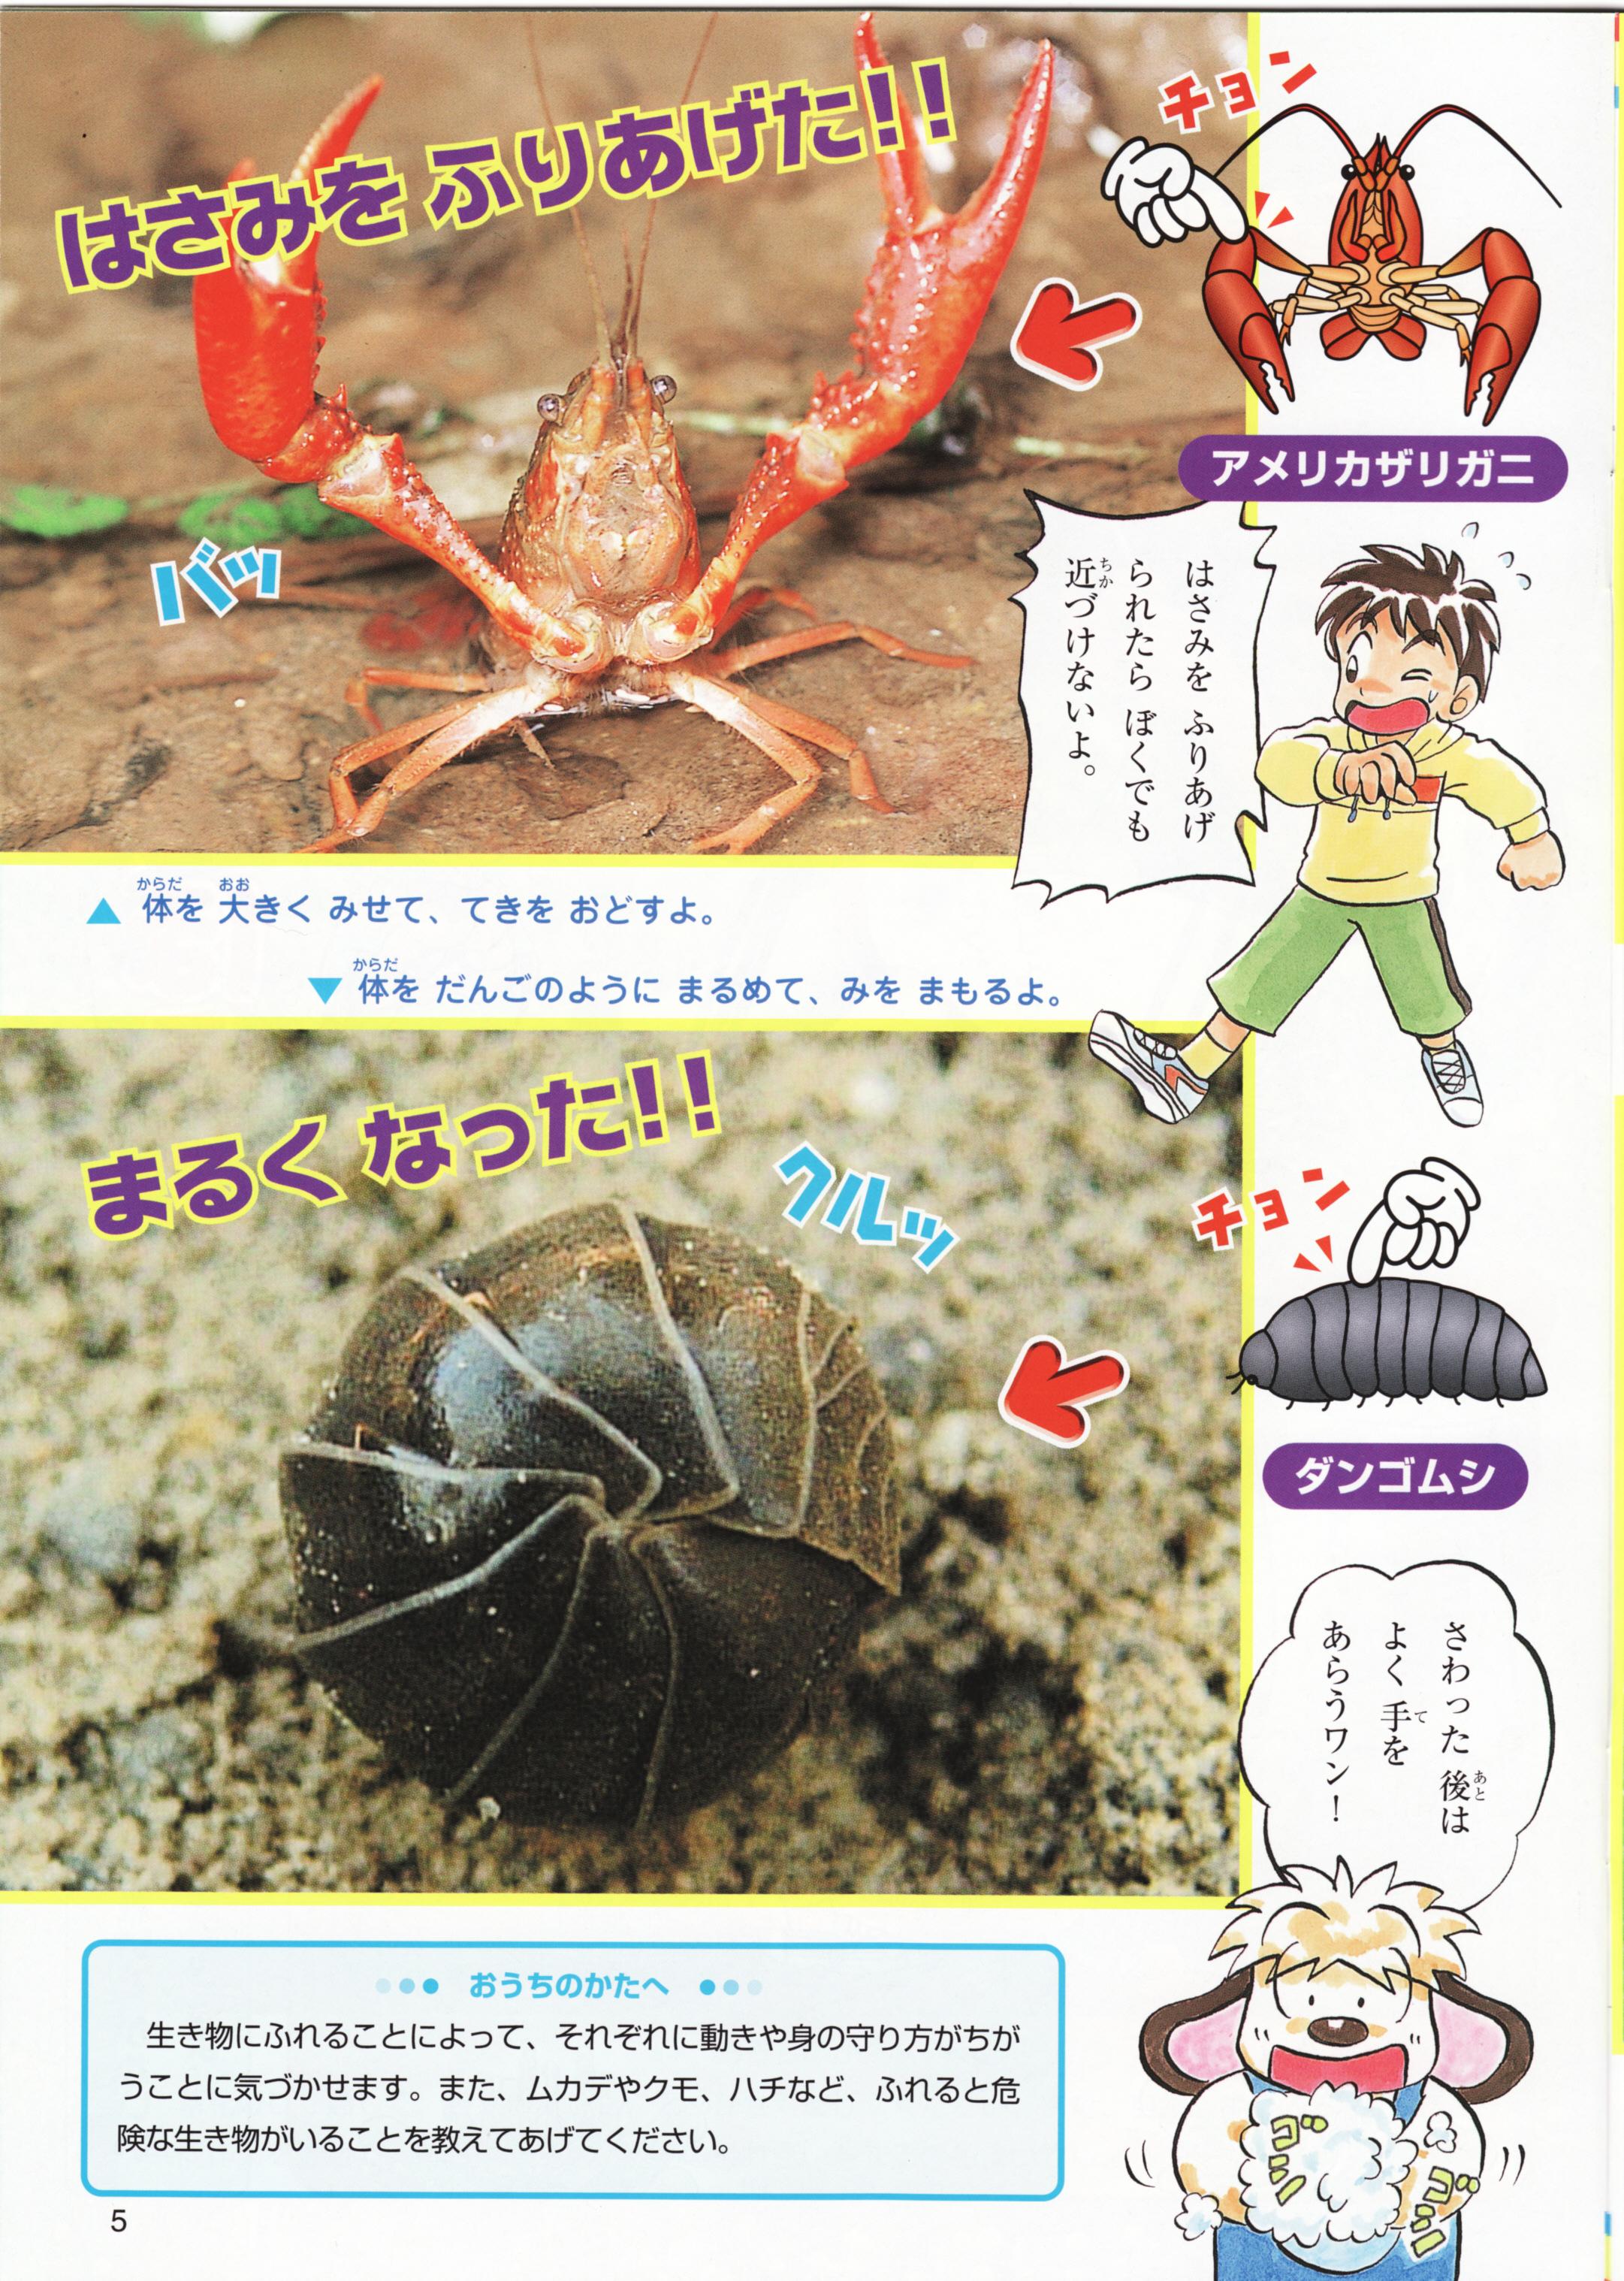 小学ポピー1年生あそびんぴっく(こども情報誌)内容